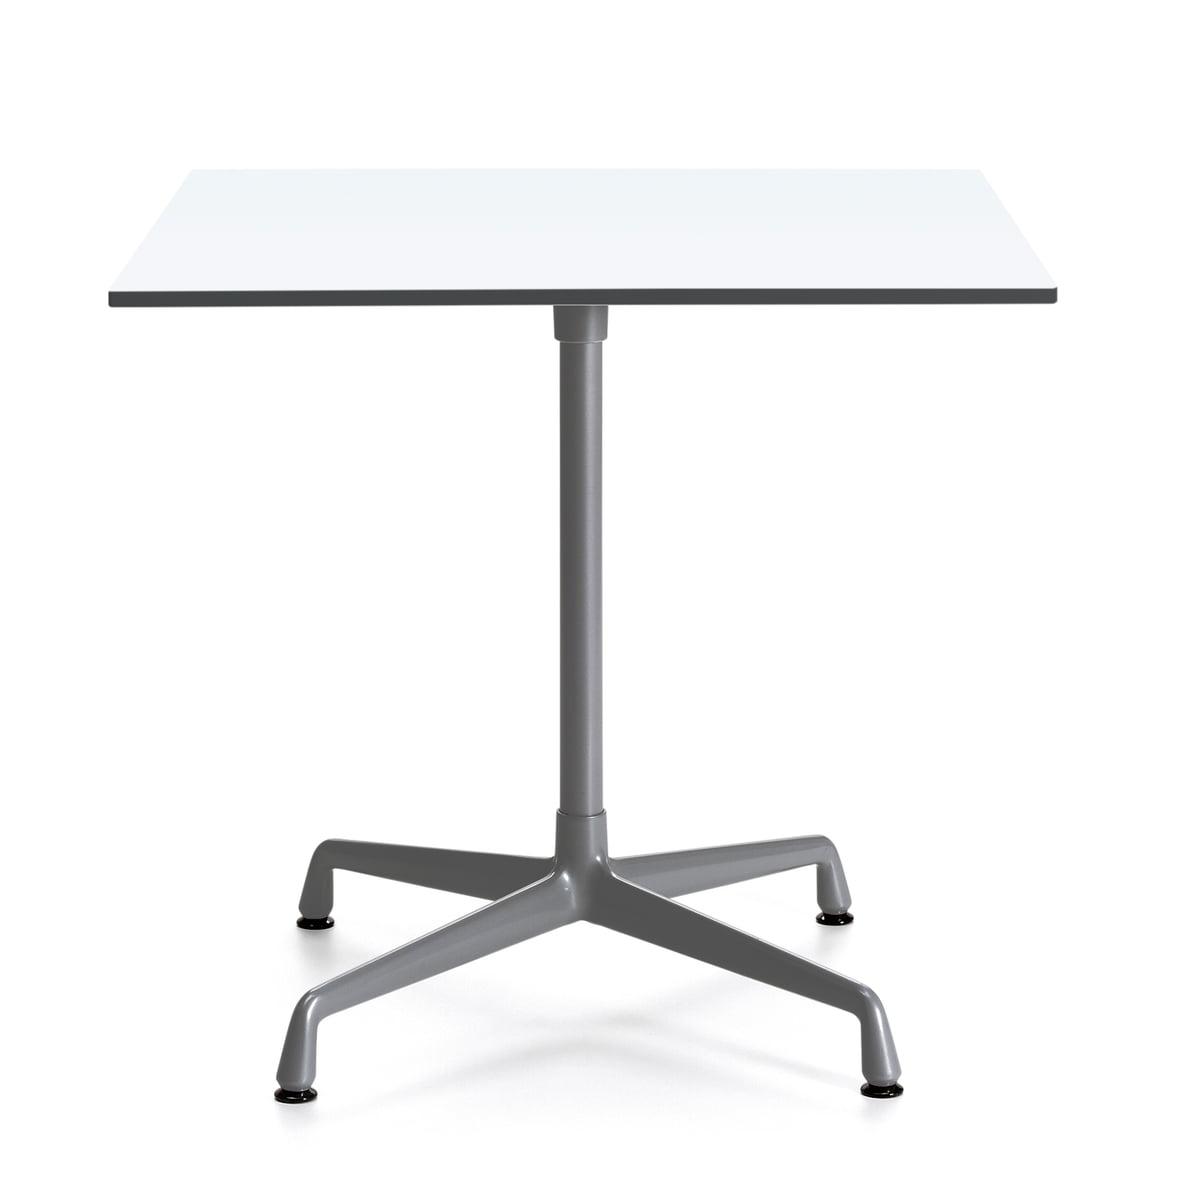 Vitra - Contract Bistrotisch Outdoor quadratisch, dunkelgrau / weiß | Küche und Esszimmer > Bar-Möbel > Bar-Stehtische | Weiß | Gestell: aluminium-druckguss und stahlrohr -  komplett pulverbeschichtet -  tischplatte: vollkernmaterial | Vitra